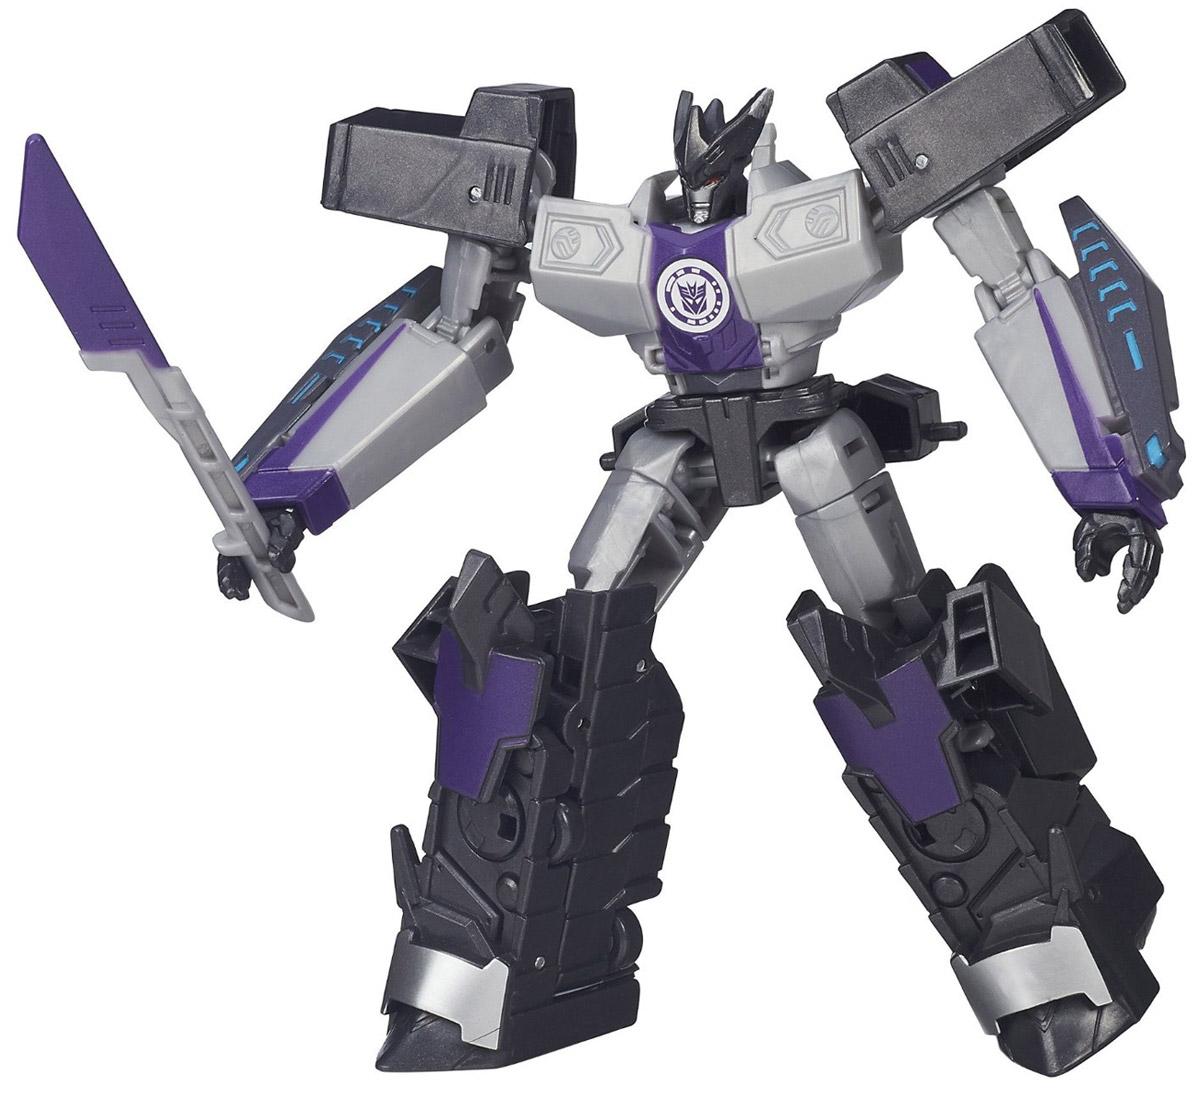 Transformers Трансформер MegatronusB0070_B4687Трансформер Transformers Megatronus непременно понравится всем юным поклонникам знаменитых Трансформеров! Фигурка выполнена из прочного пластика в виде трансформера-Мегатронуса. Руки и ноги робота подвижны. В несколько простых шагов малыш сможет трансформировать фигурку робота в транспортное средство. Ребенок с удовольствием будет играть с фигуркой, придумывая разные истории. Порадуйте его таким замечательным подарком! Соберите свою непобедимую команду трансформеров!